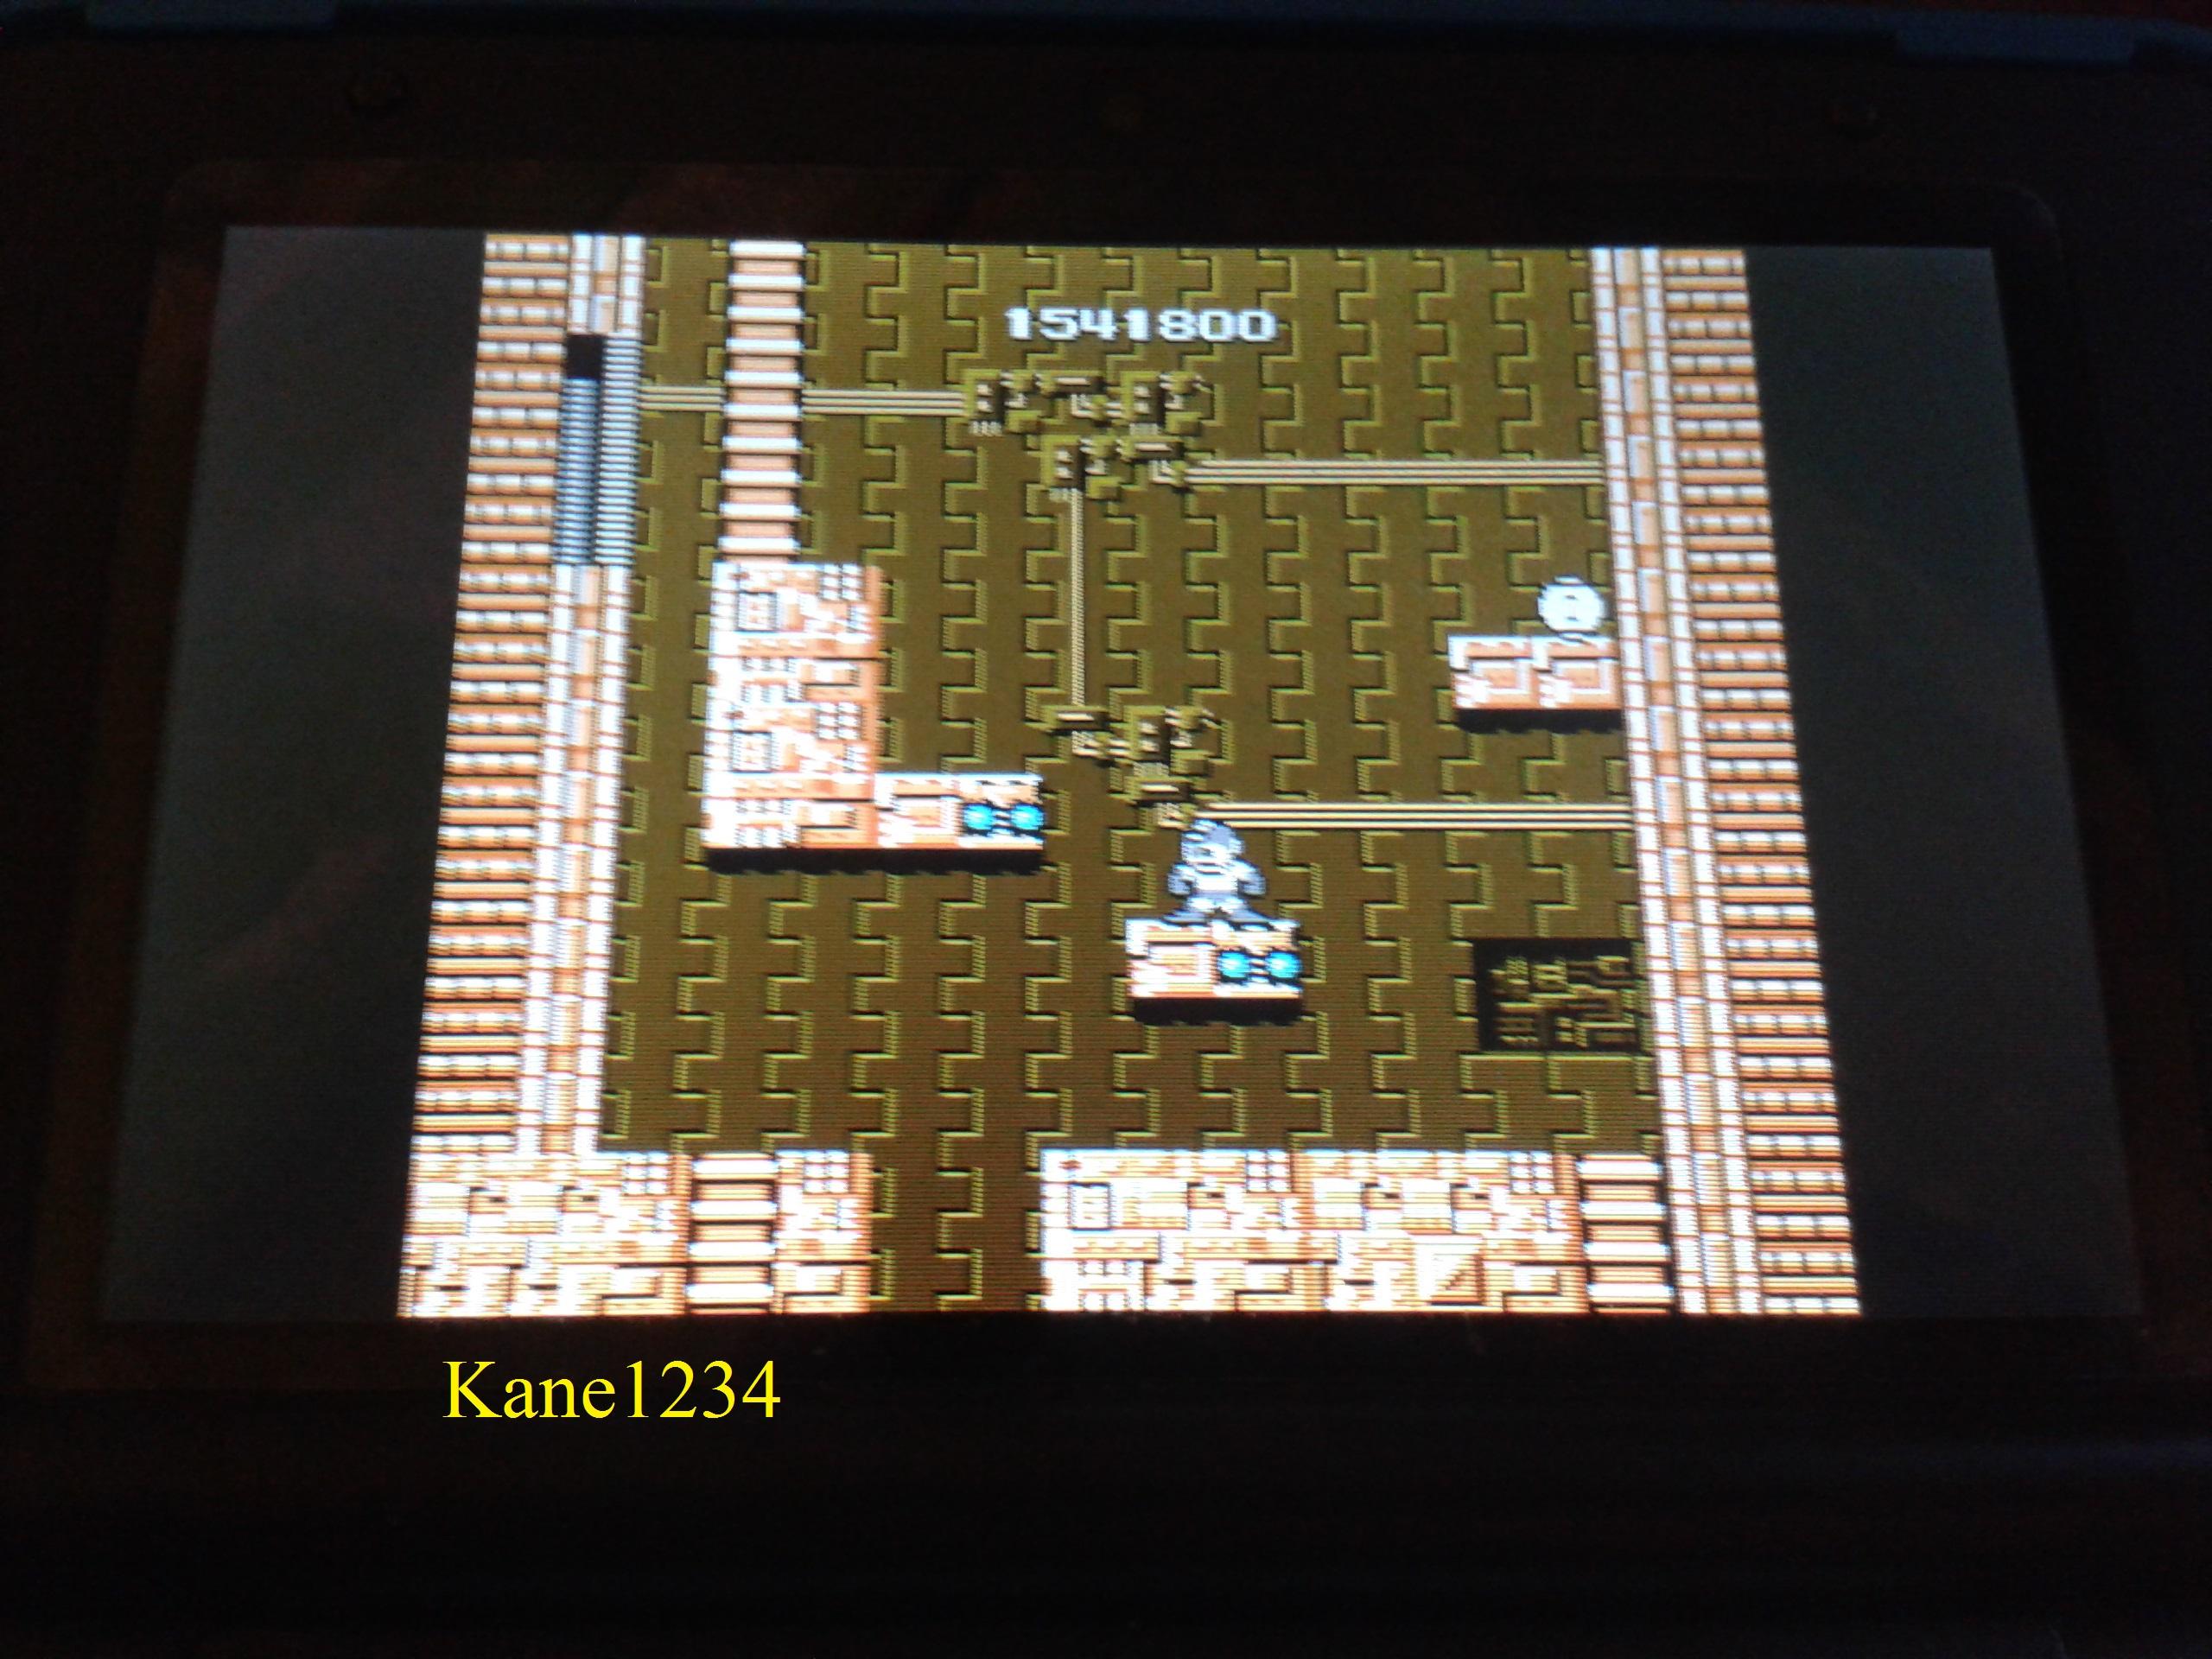 Kane1234: Mega Man (NES/Famicom Emulated) 1,541,800 points on 2015-12-18 21:31:17